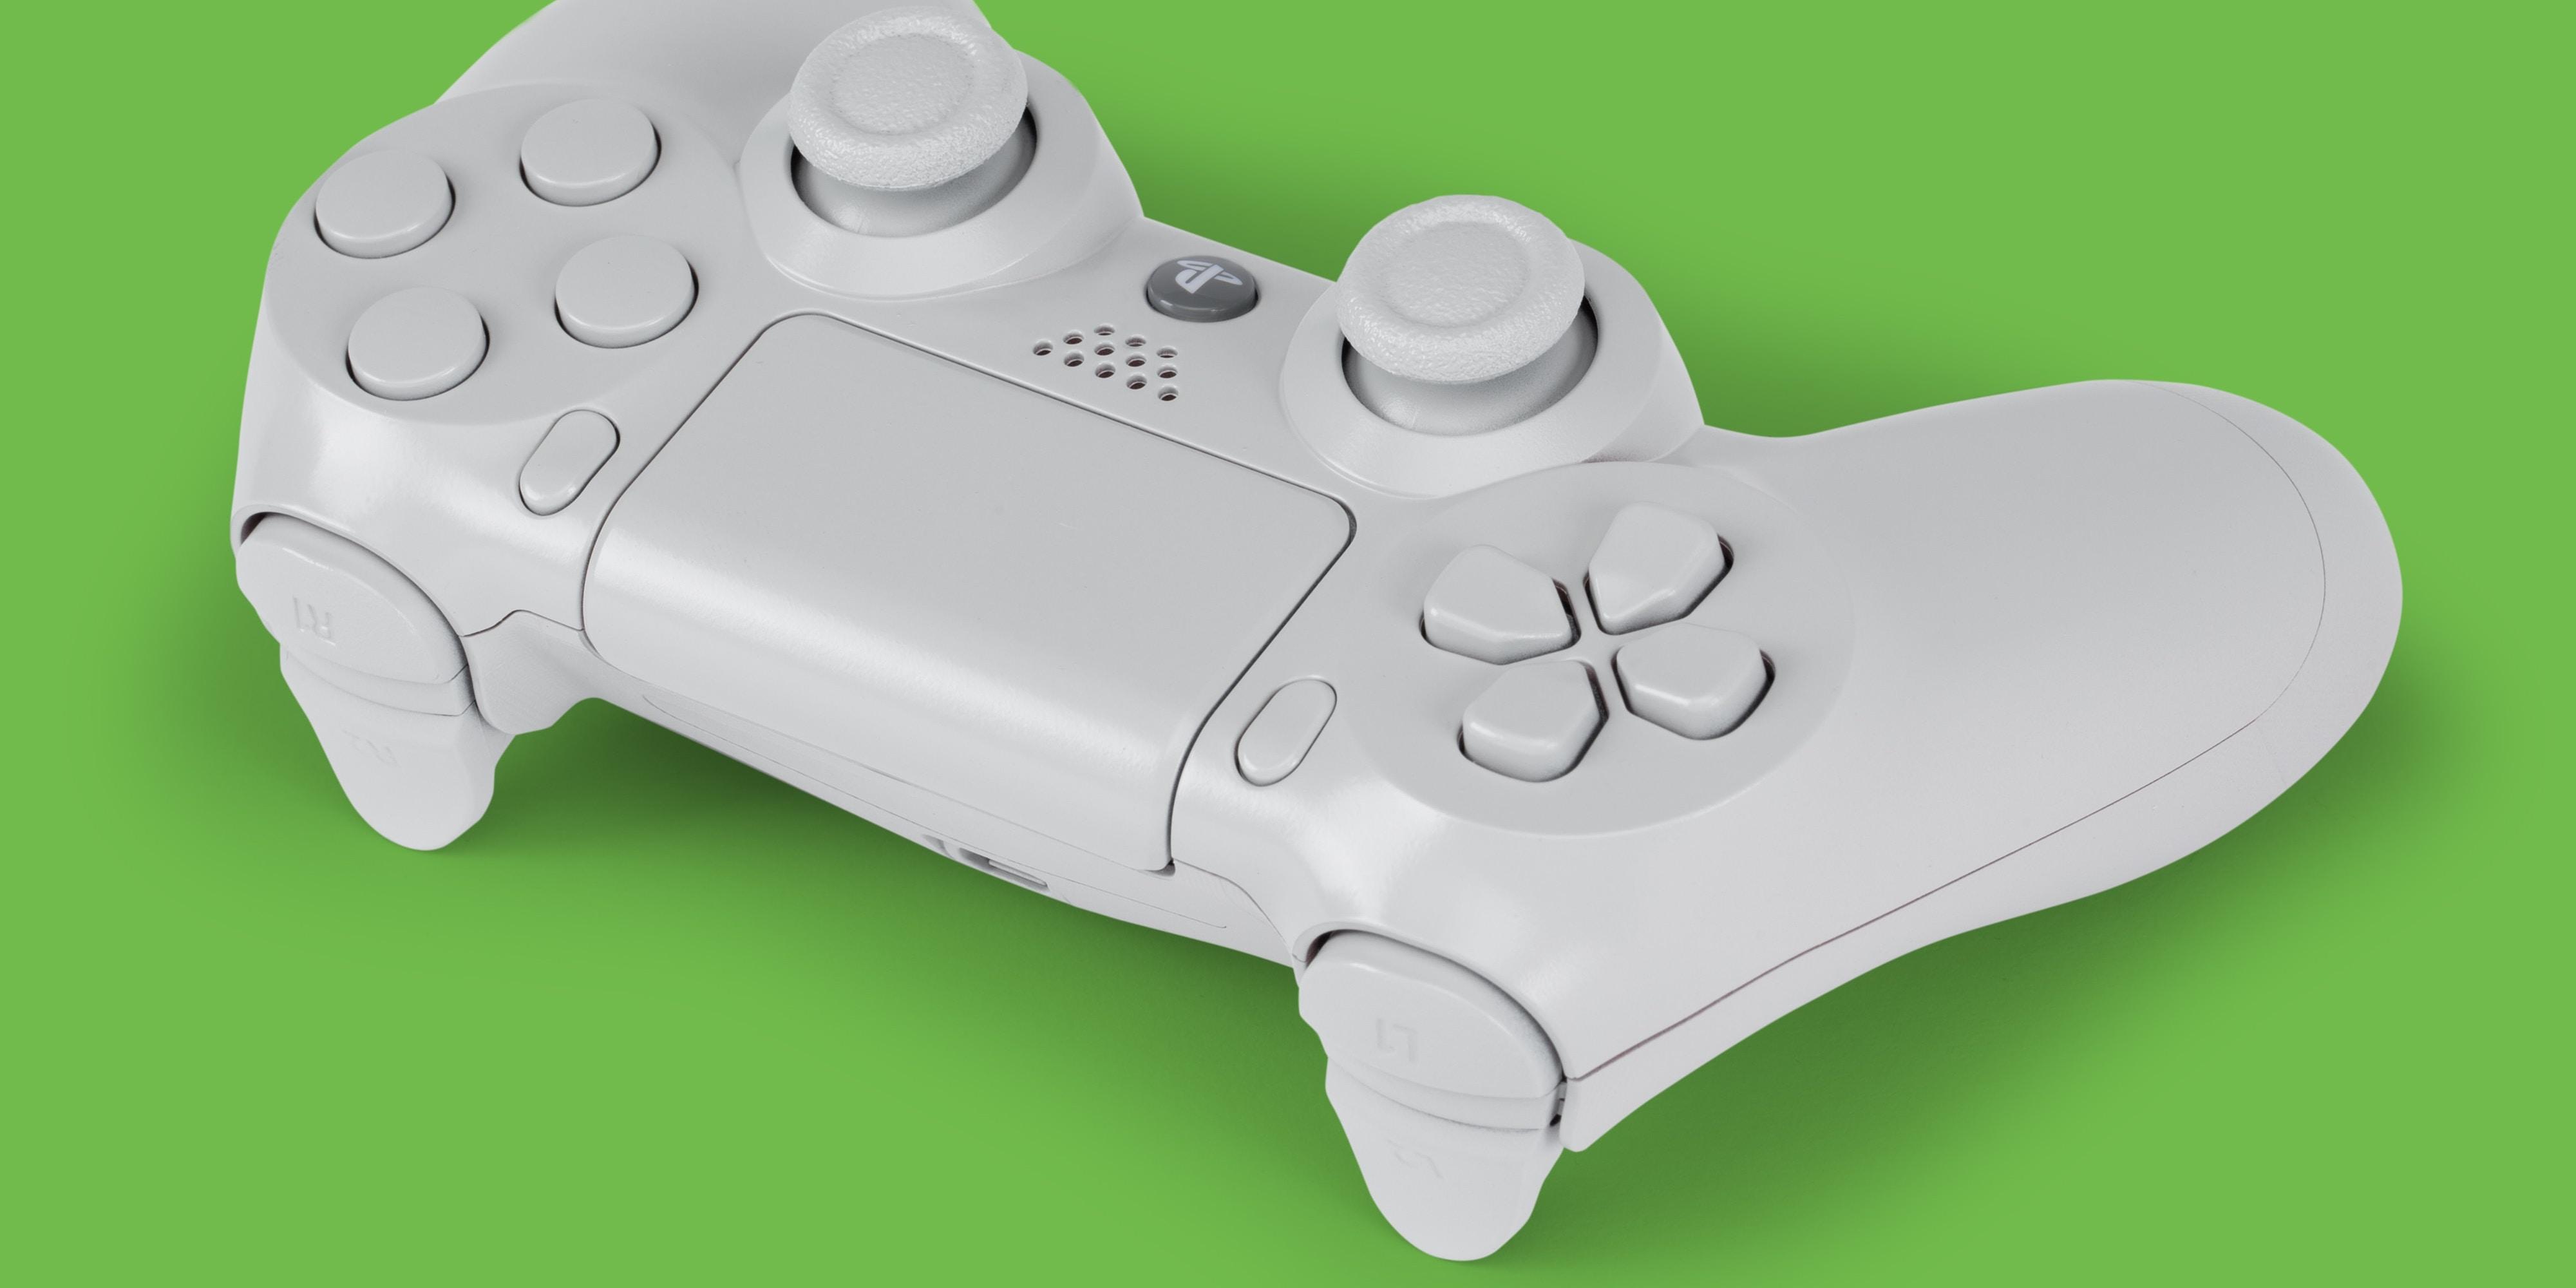 Поддержка функции PS4 Remote Play появится на большинстве Android-смартфонов к концу этой недели